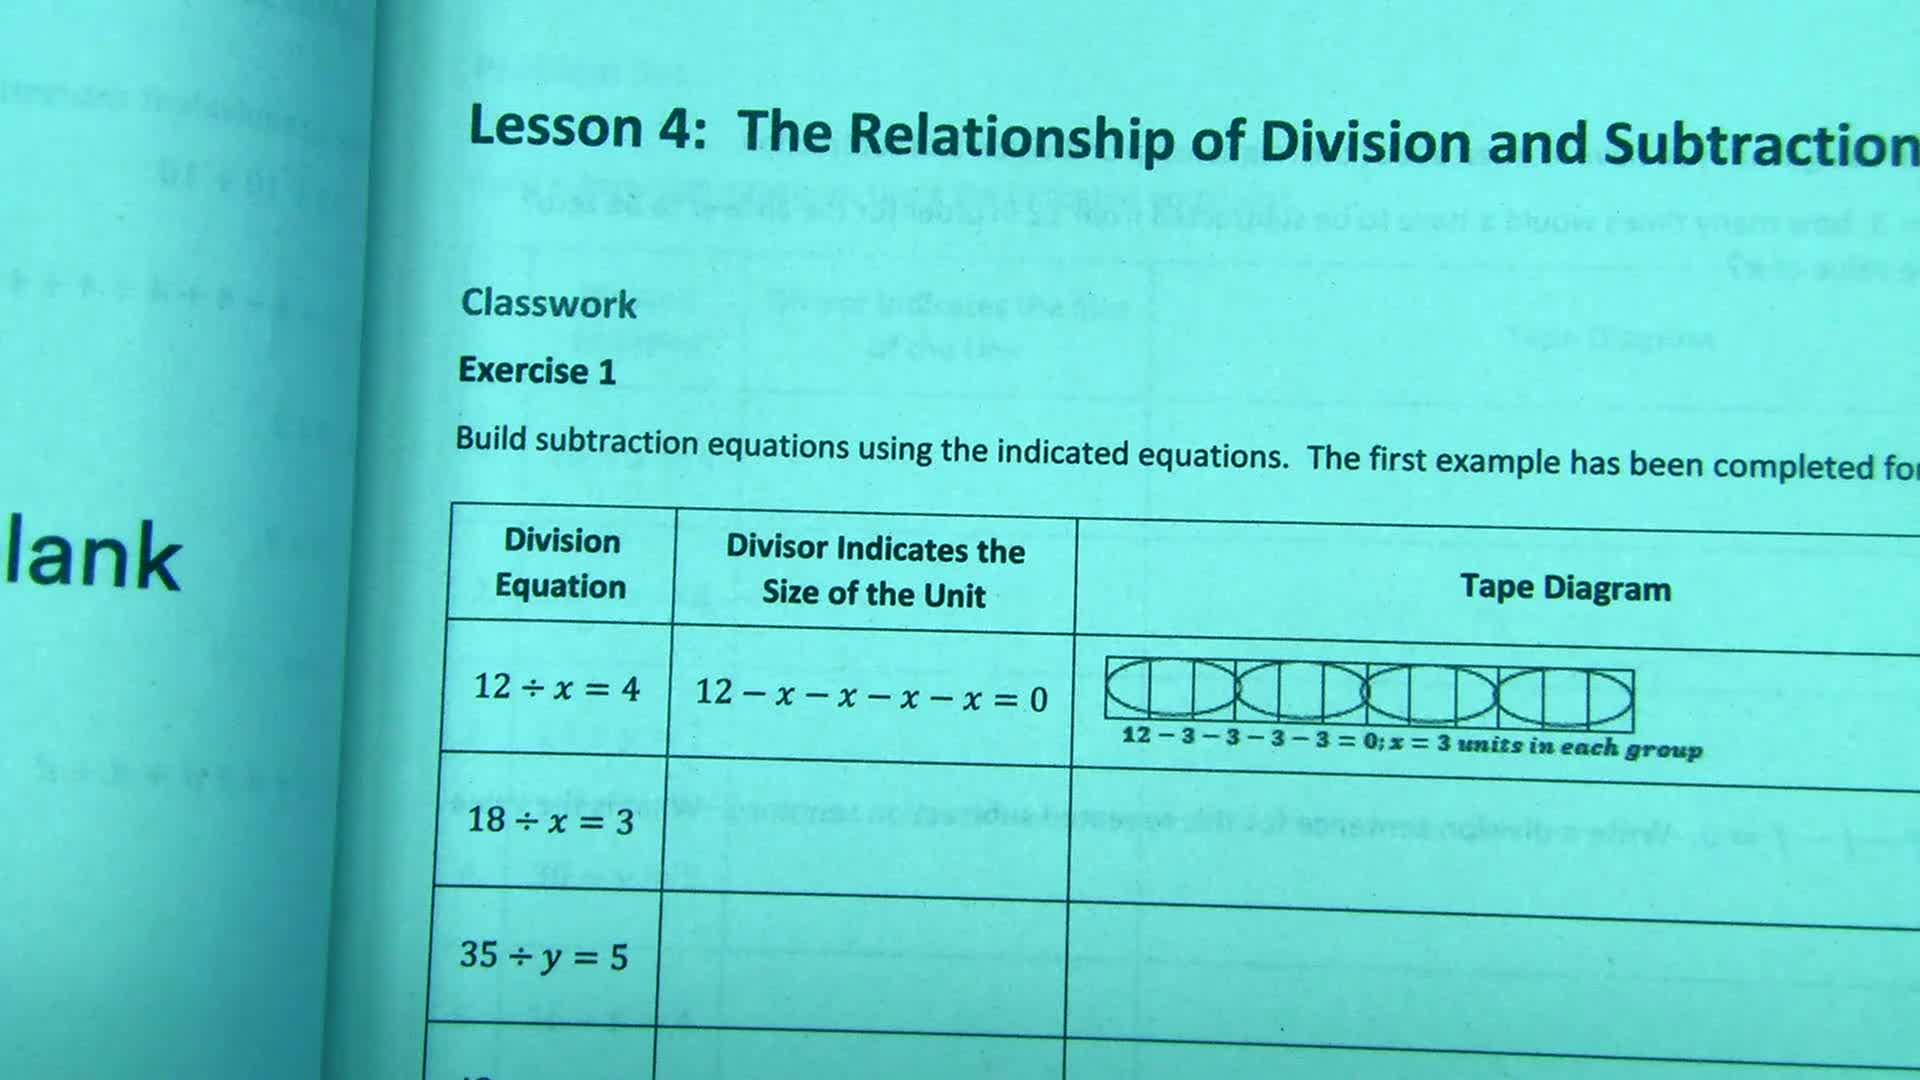 Module 4 - Lesson 4